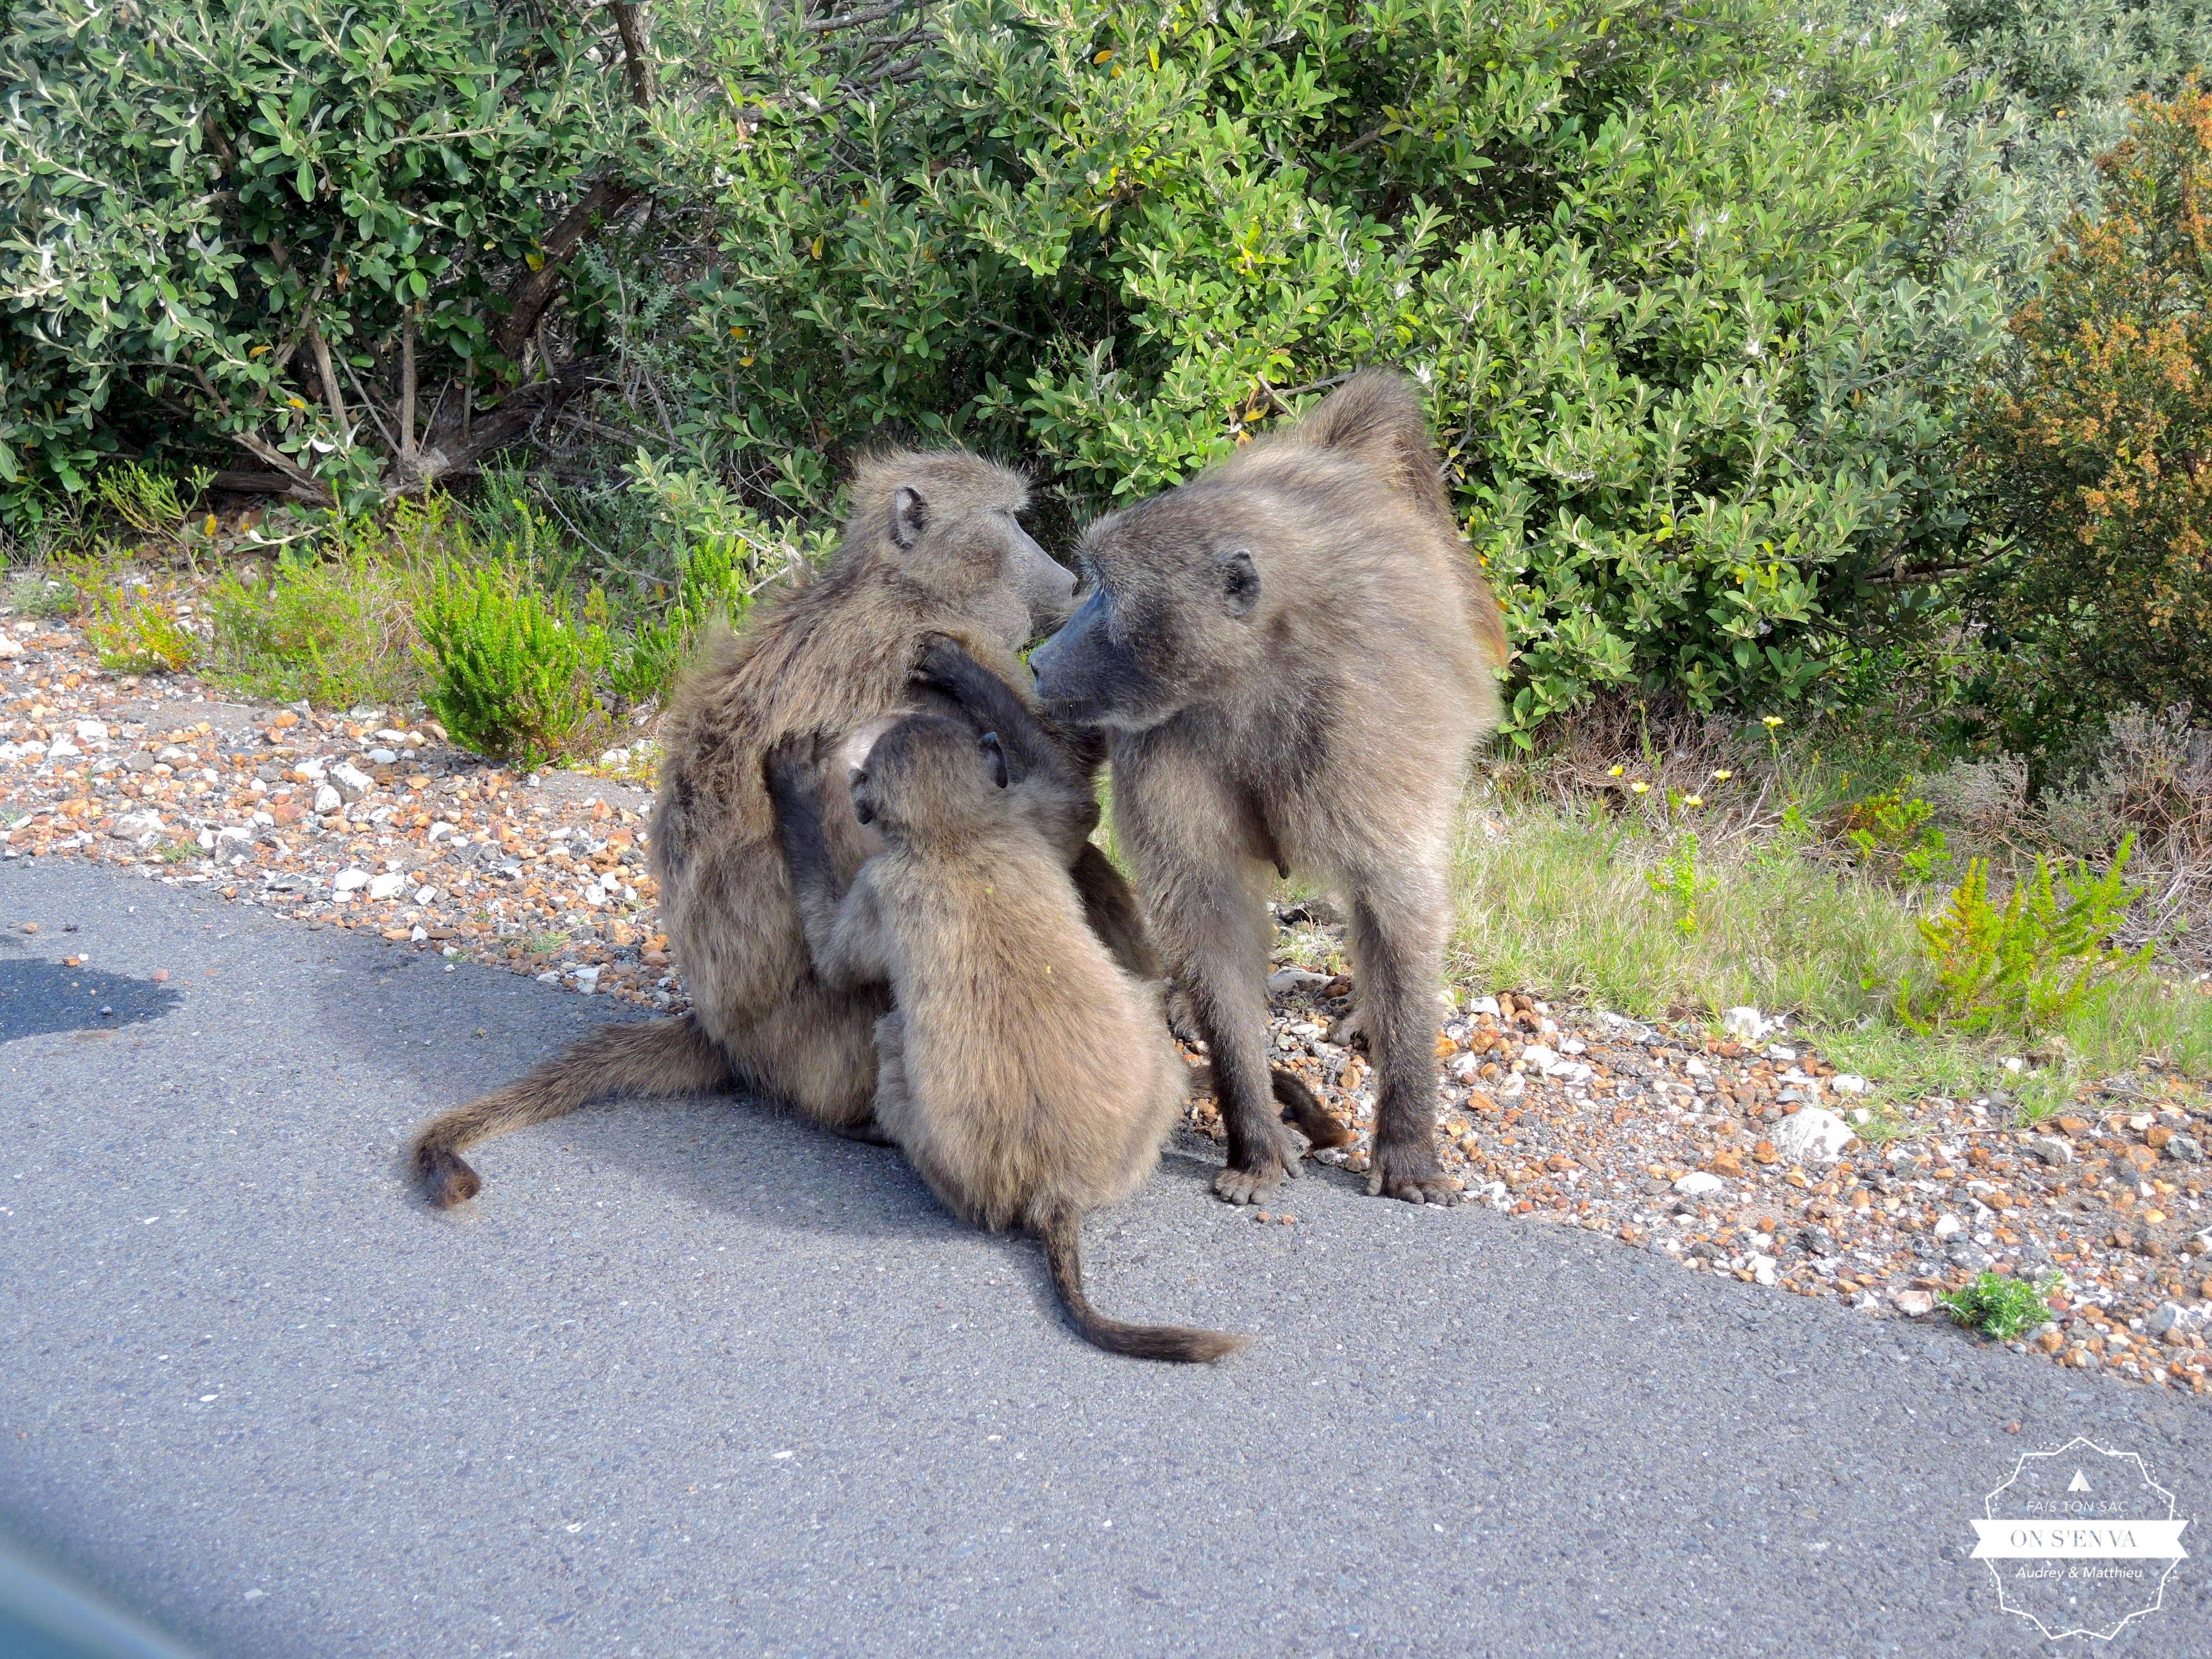 Les babouins sur la route...